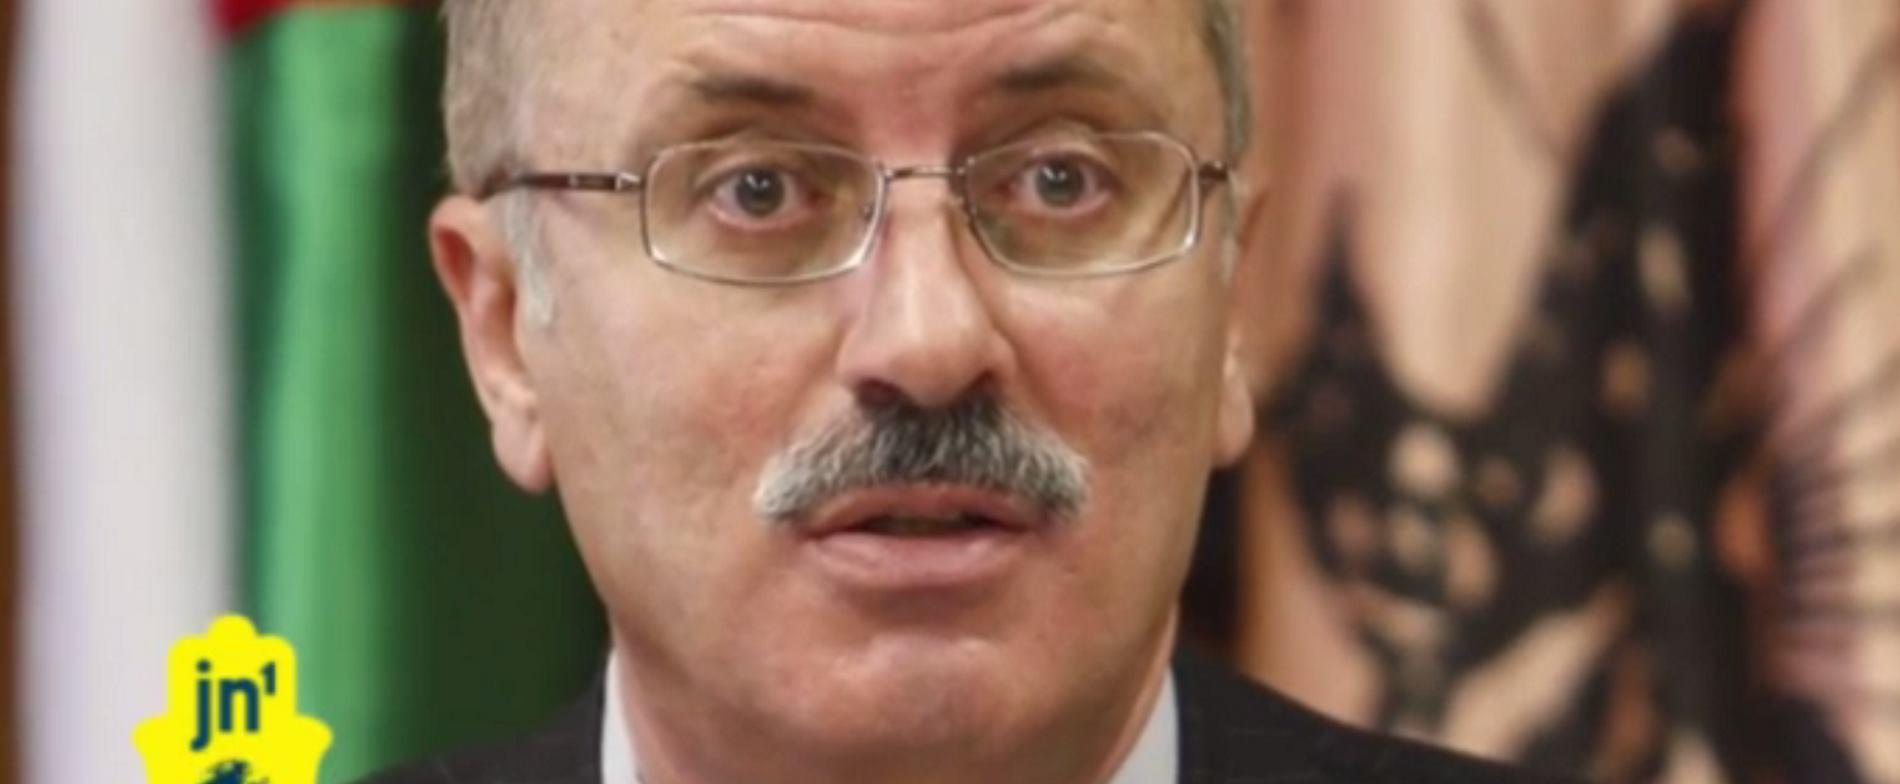 SVE DUBLJE PODJELE Palestinska vlada podnijela ostavku